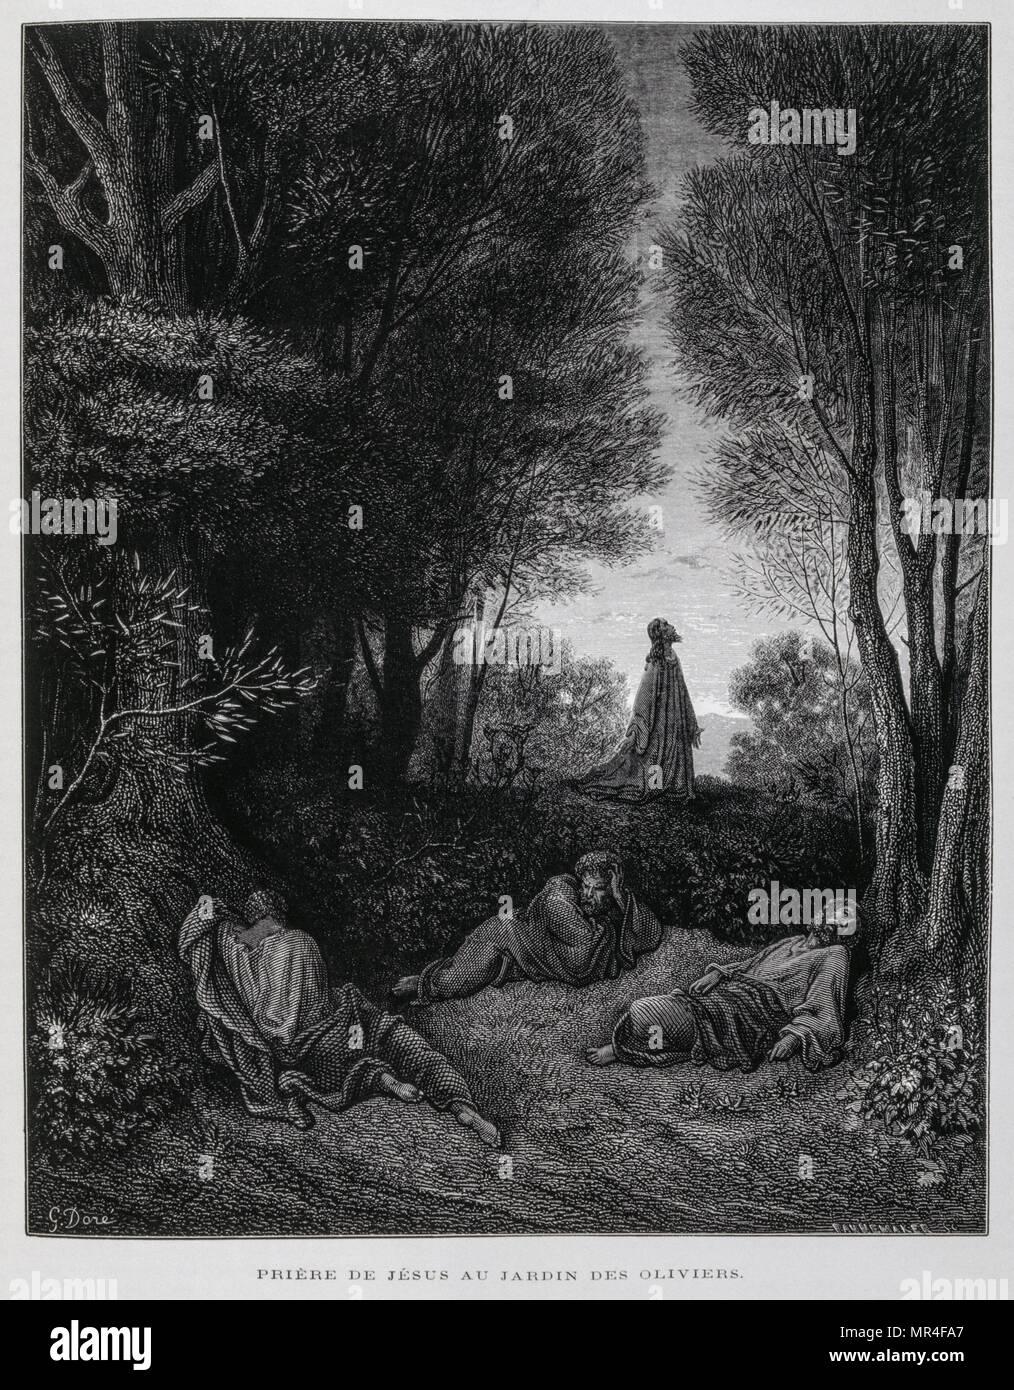 Jesus Praying Garden Gethsemane Imágenes De Stock & Jesus Praying ...